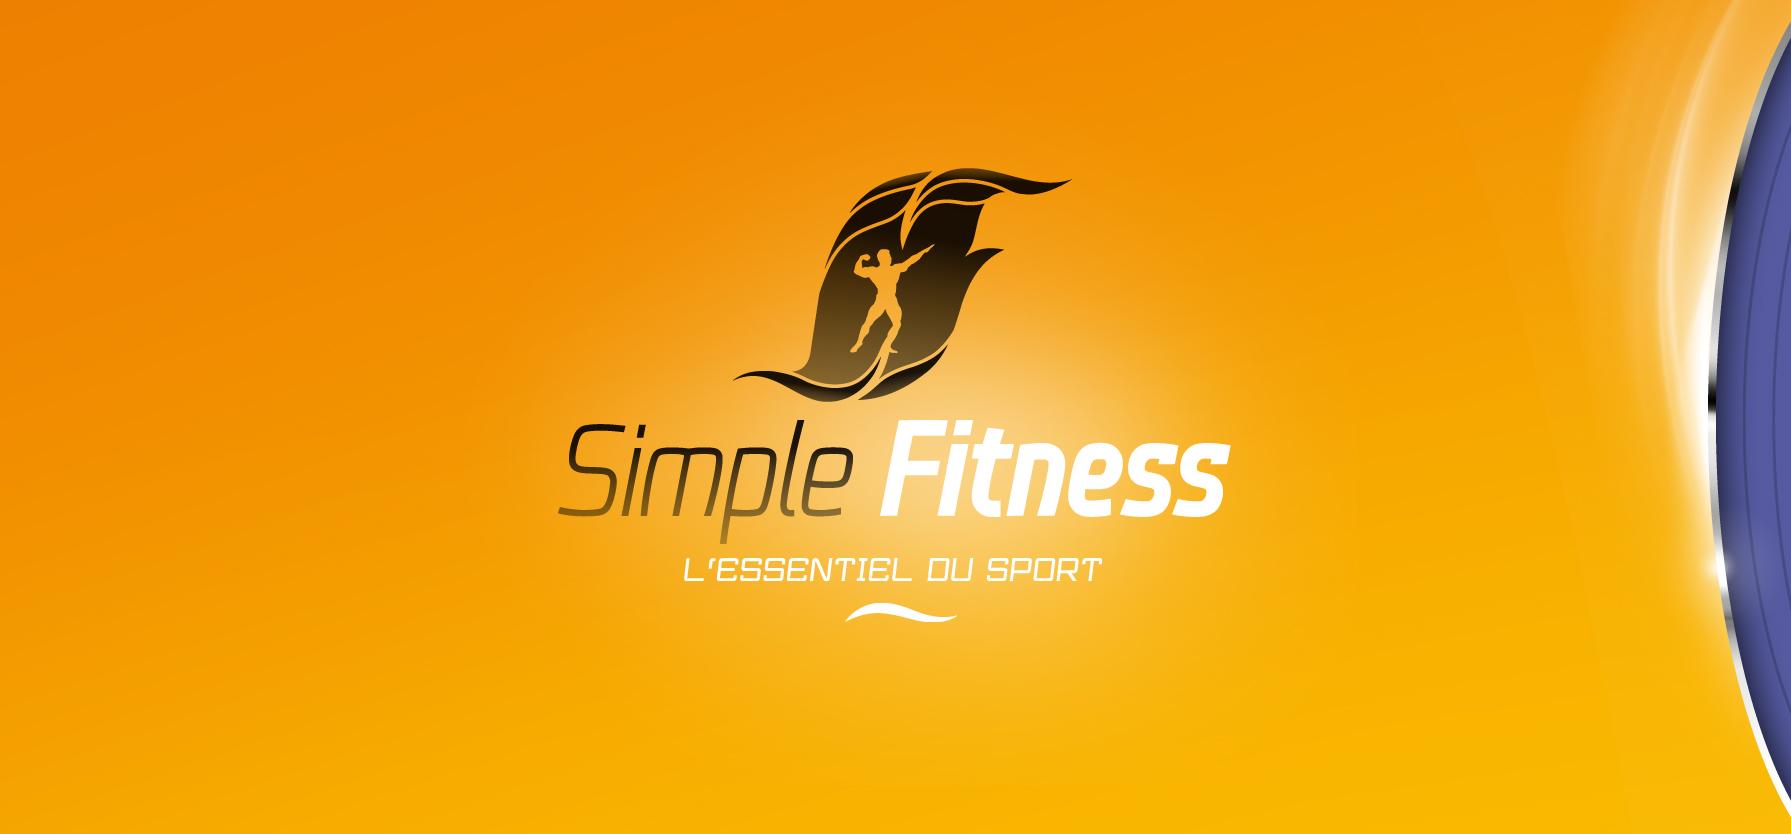 simple_fitness_identite_visuelle-01